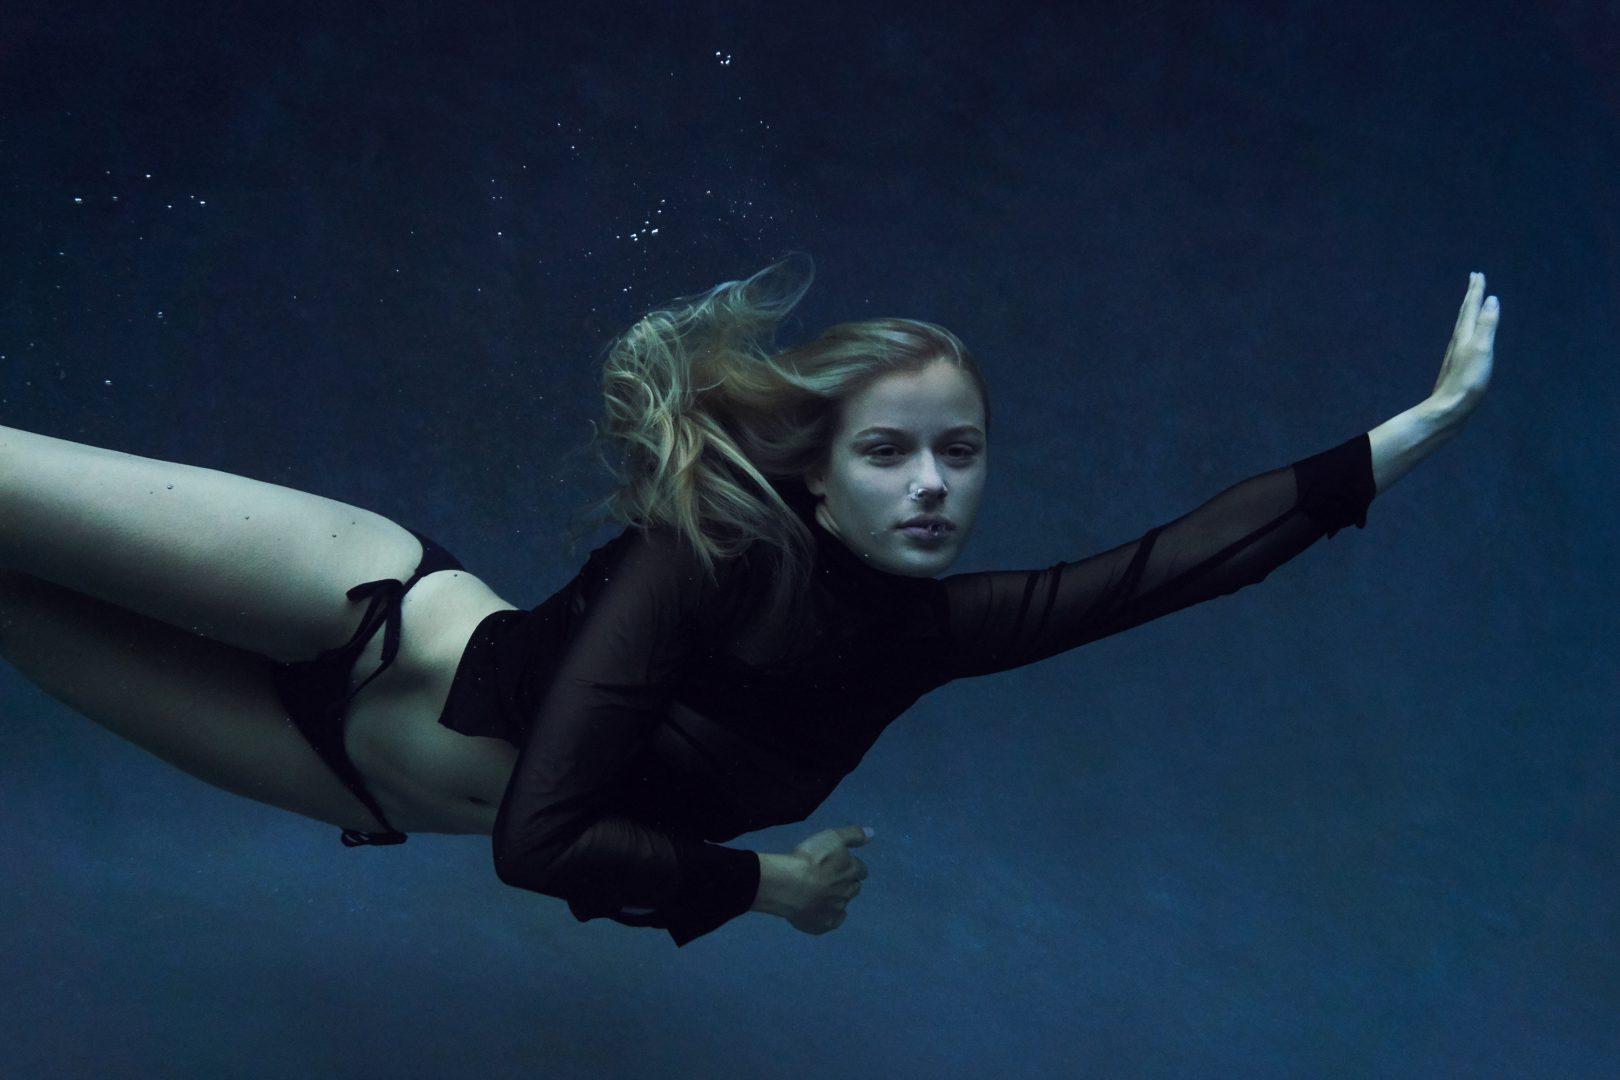 Girl diving in pool in swimsuit by Stefan Rappo